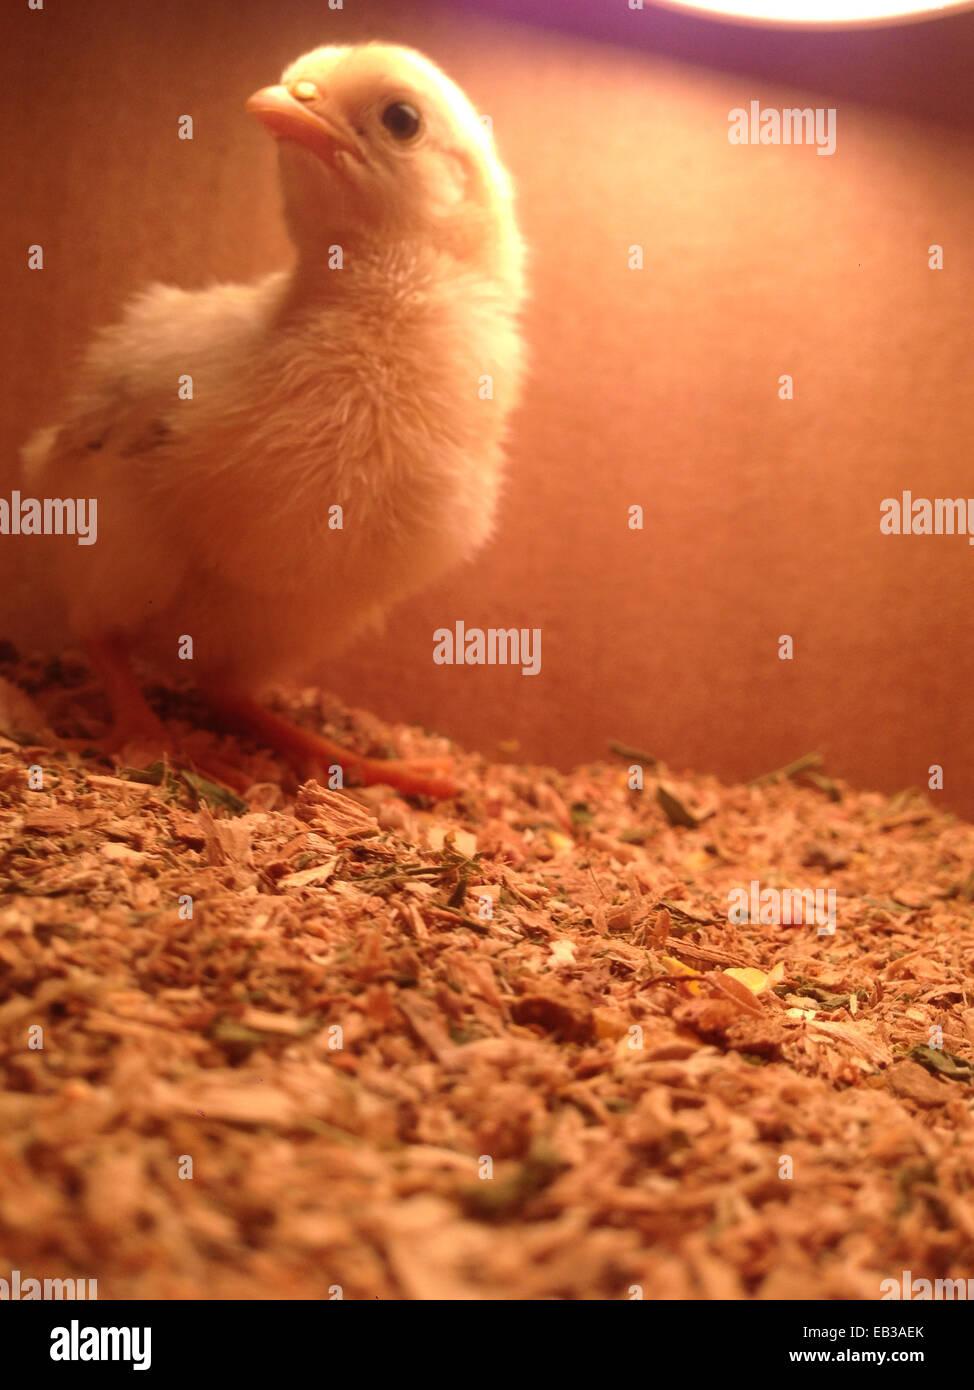 Chick sentados bajo la luz de calentamiento en la casilla Foto de stock